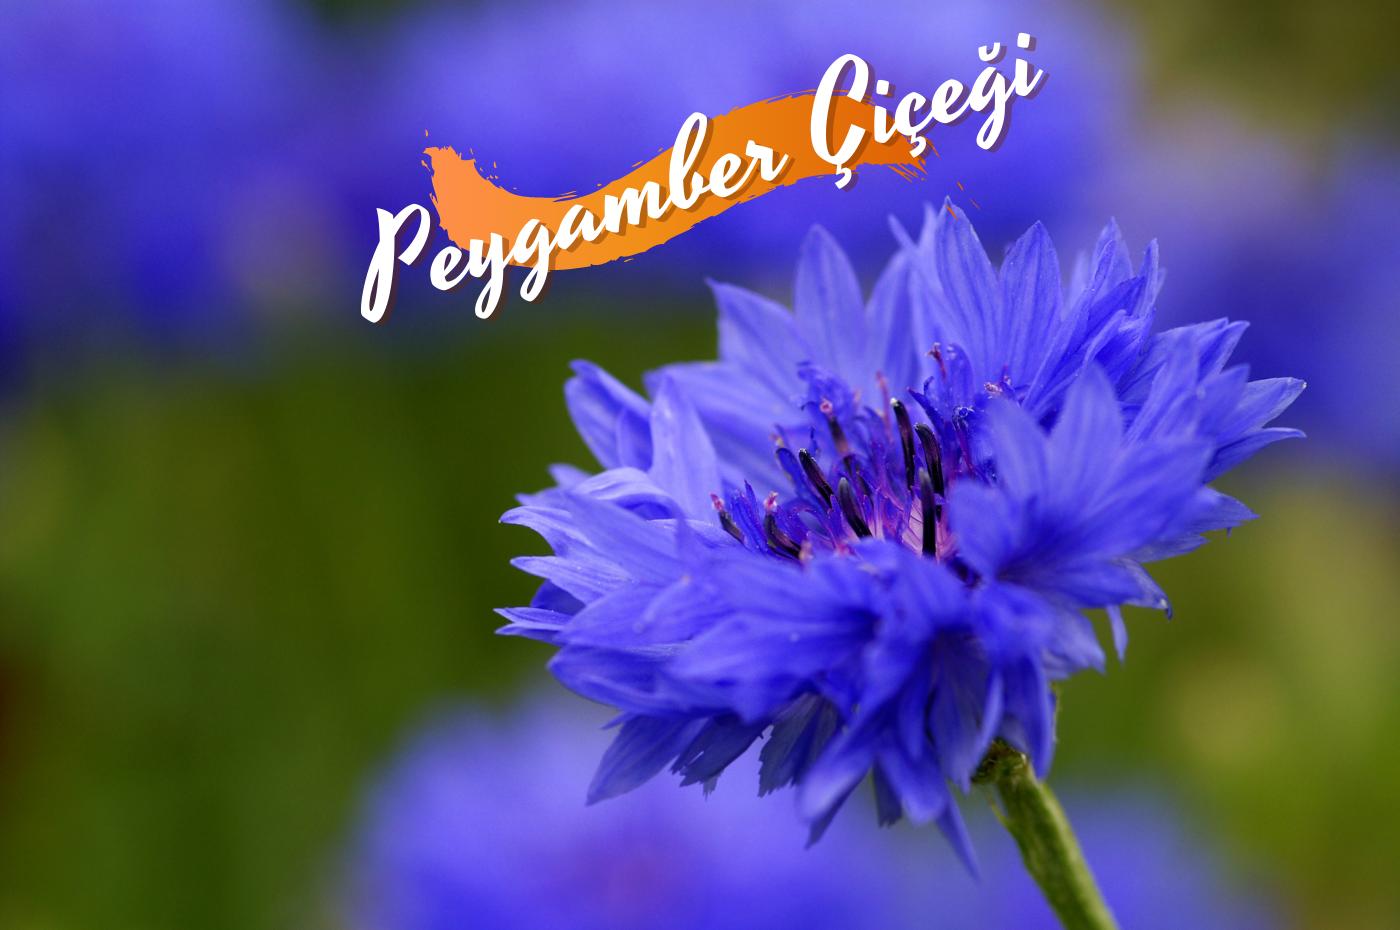 Peygamber çiçeği nedir? Peygamber çiçeğinin faydaları